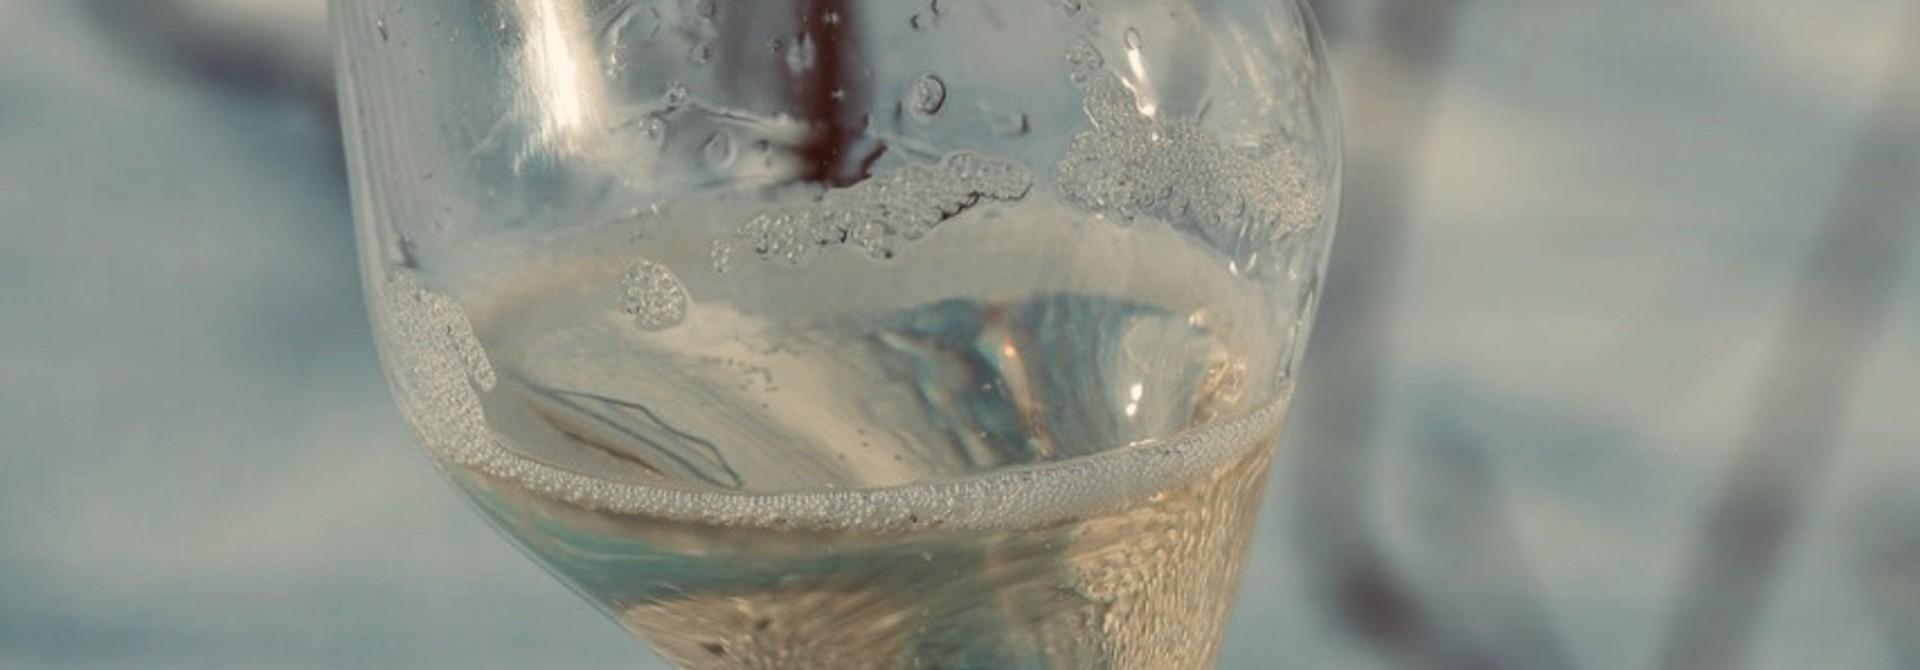 Champagne Proeverij Zaterdag 14 December